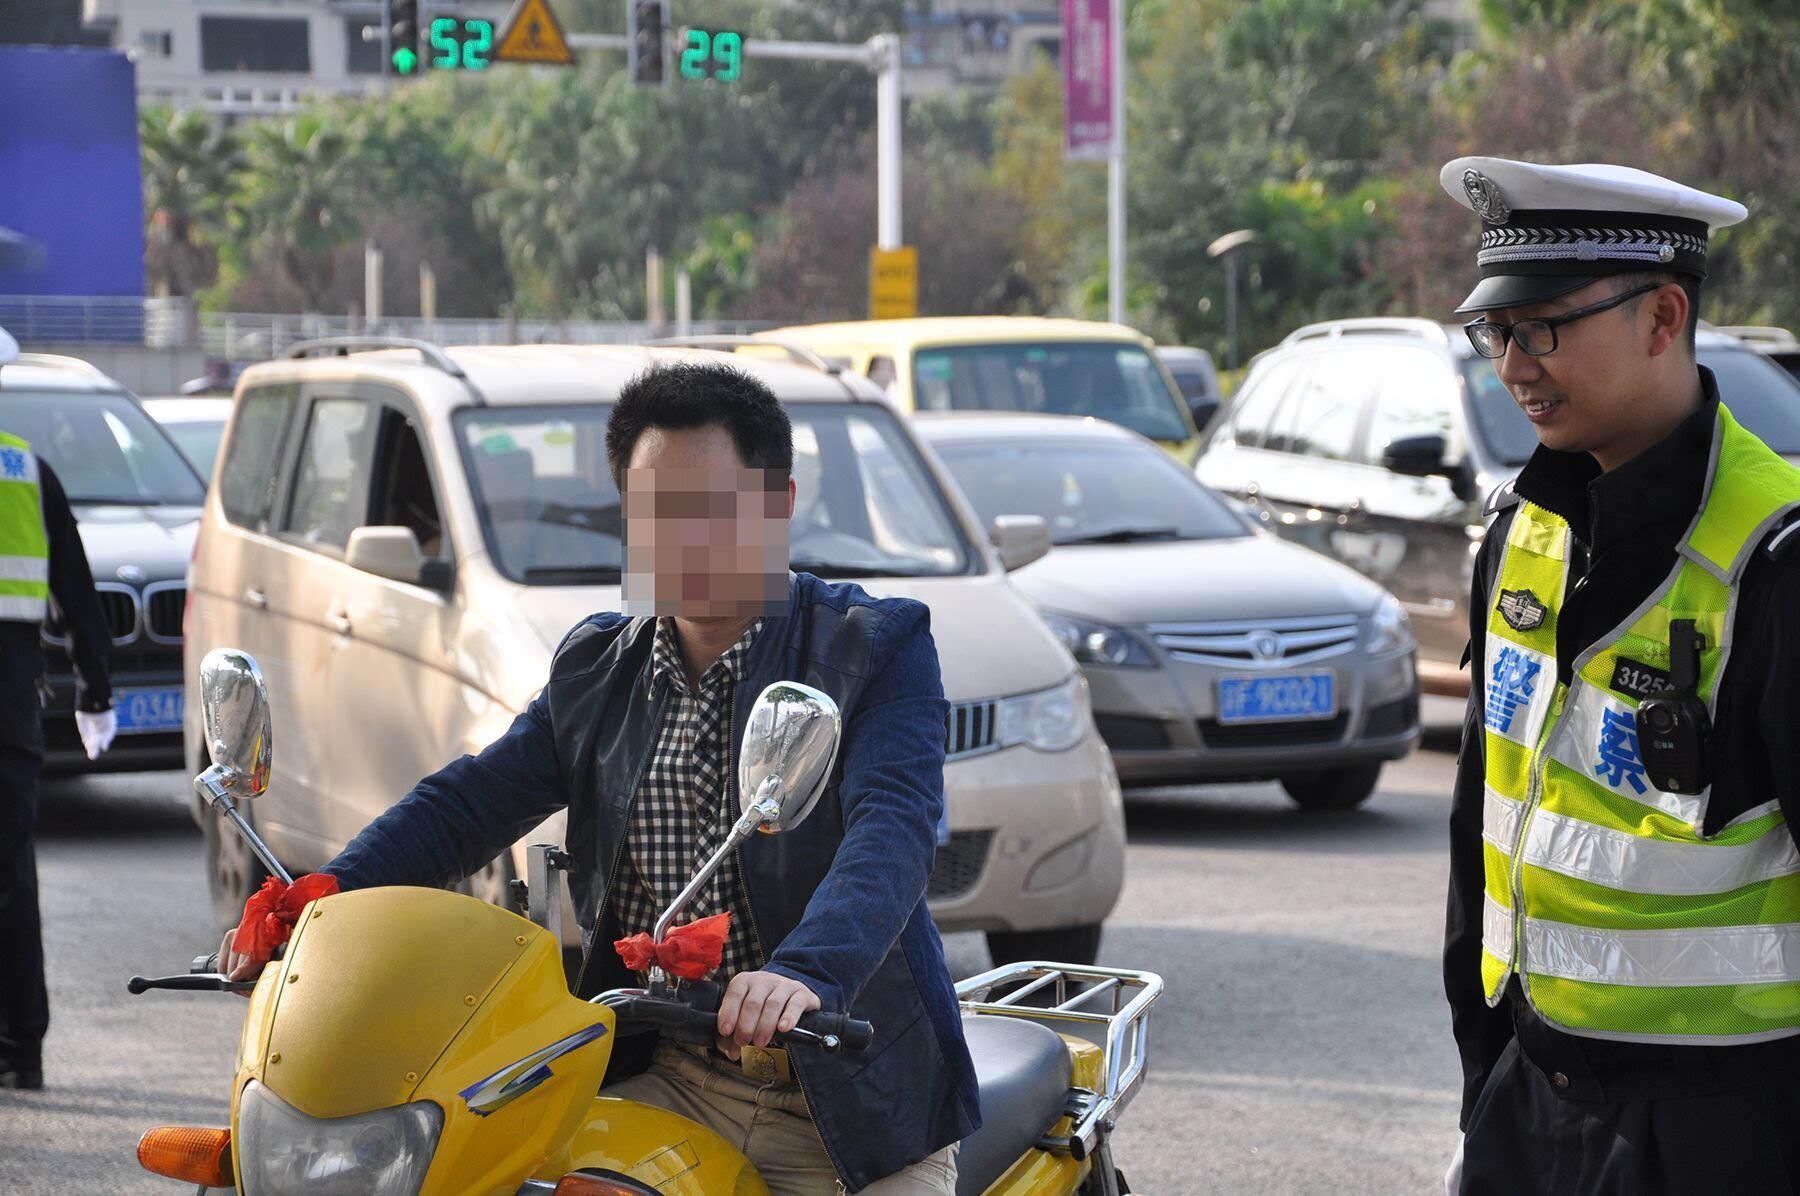 C1驾驶证在实习期 骑了一回摩托车 被注销了!